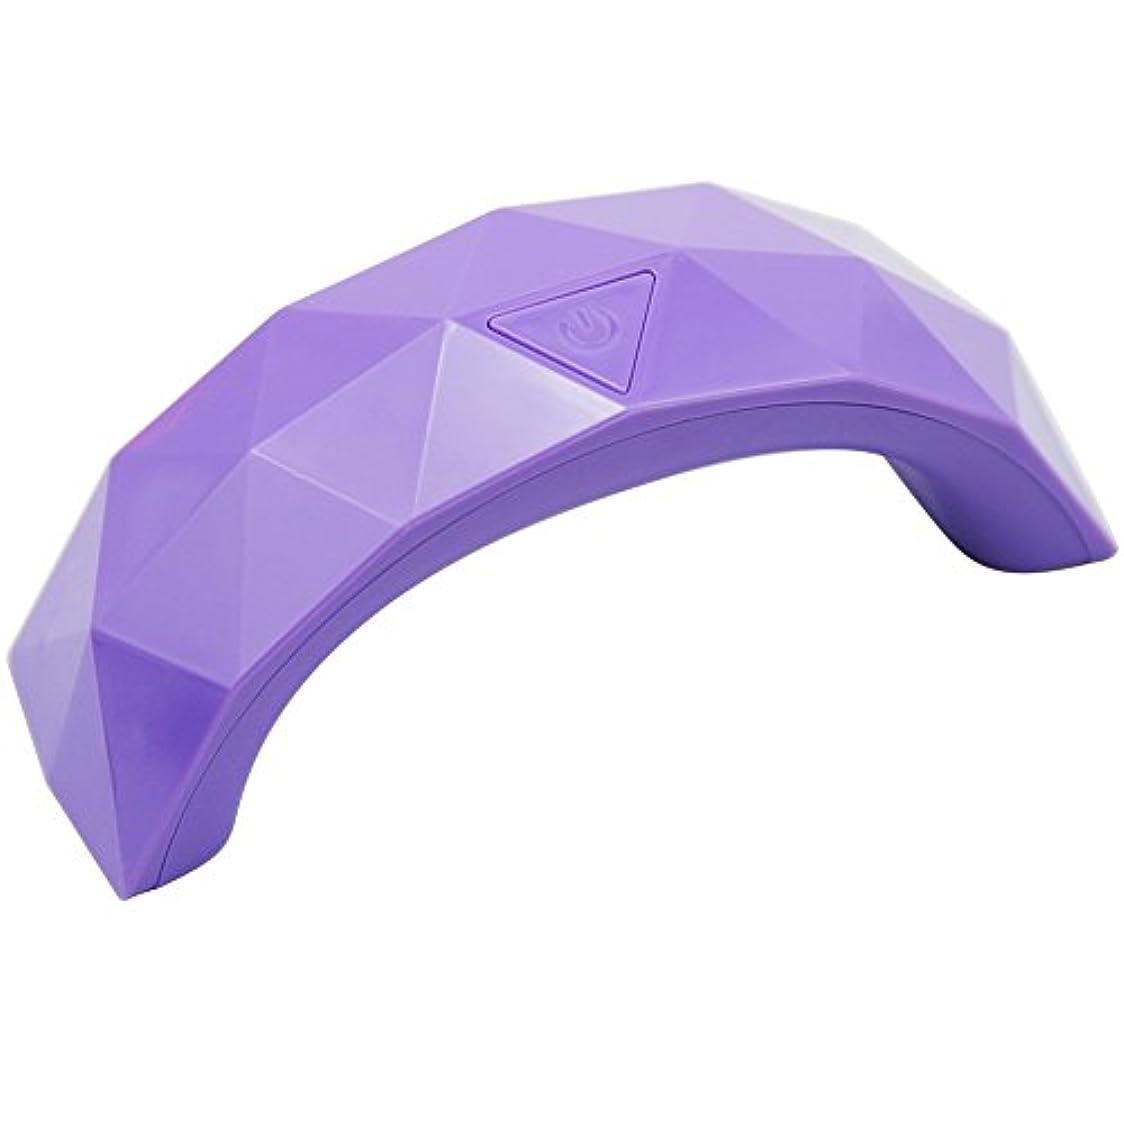 瞑想する費用周波数9W パープル ネイルライト 硬化用UV/LEDライト ネイルドライヤー ネイル道具?ケアツール 硬化用ライト マニキュア ネイルアートツール